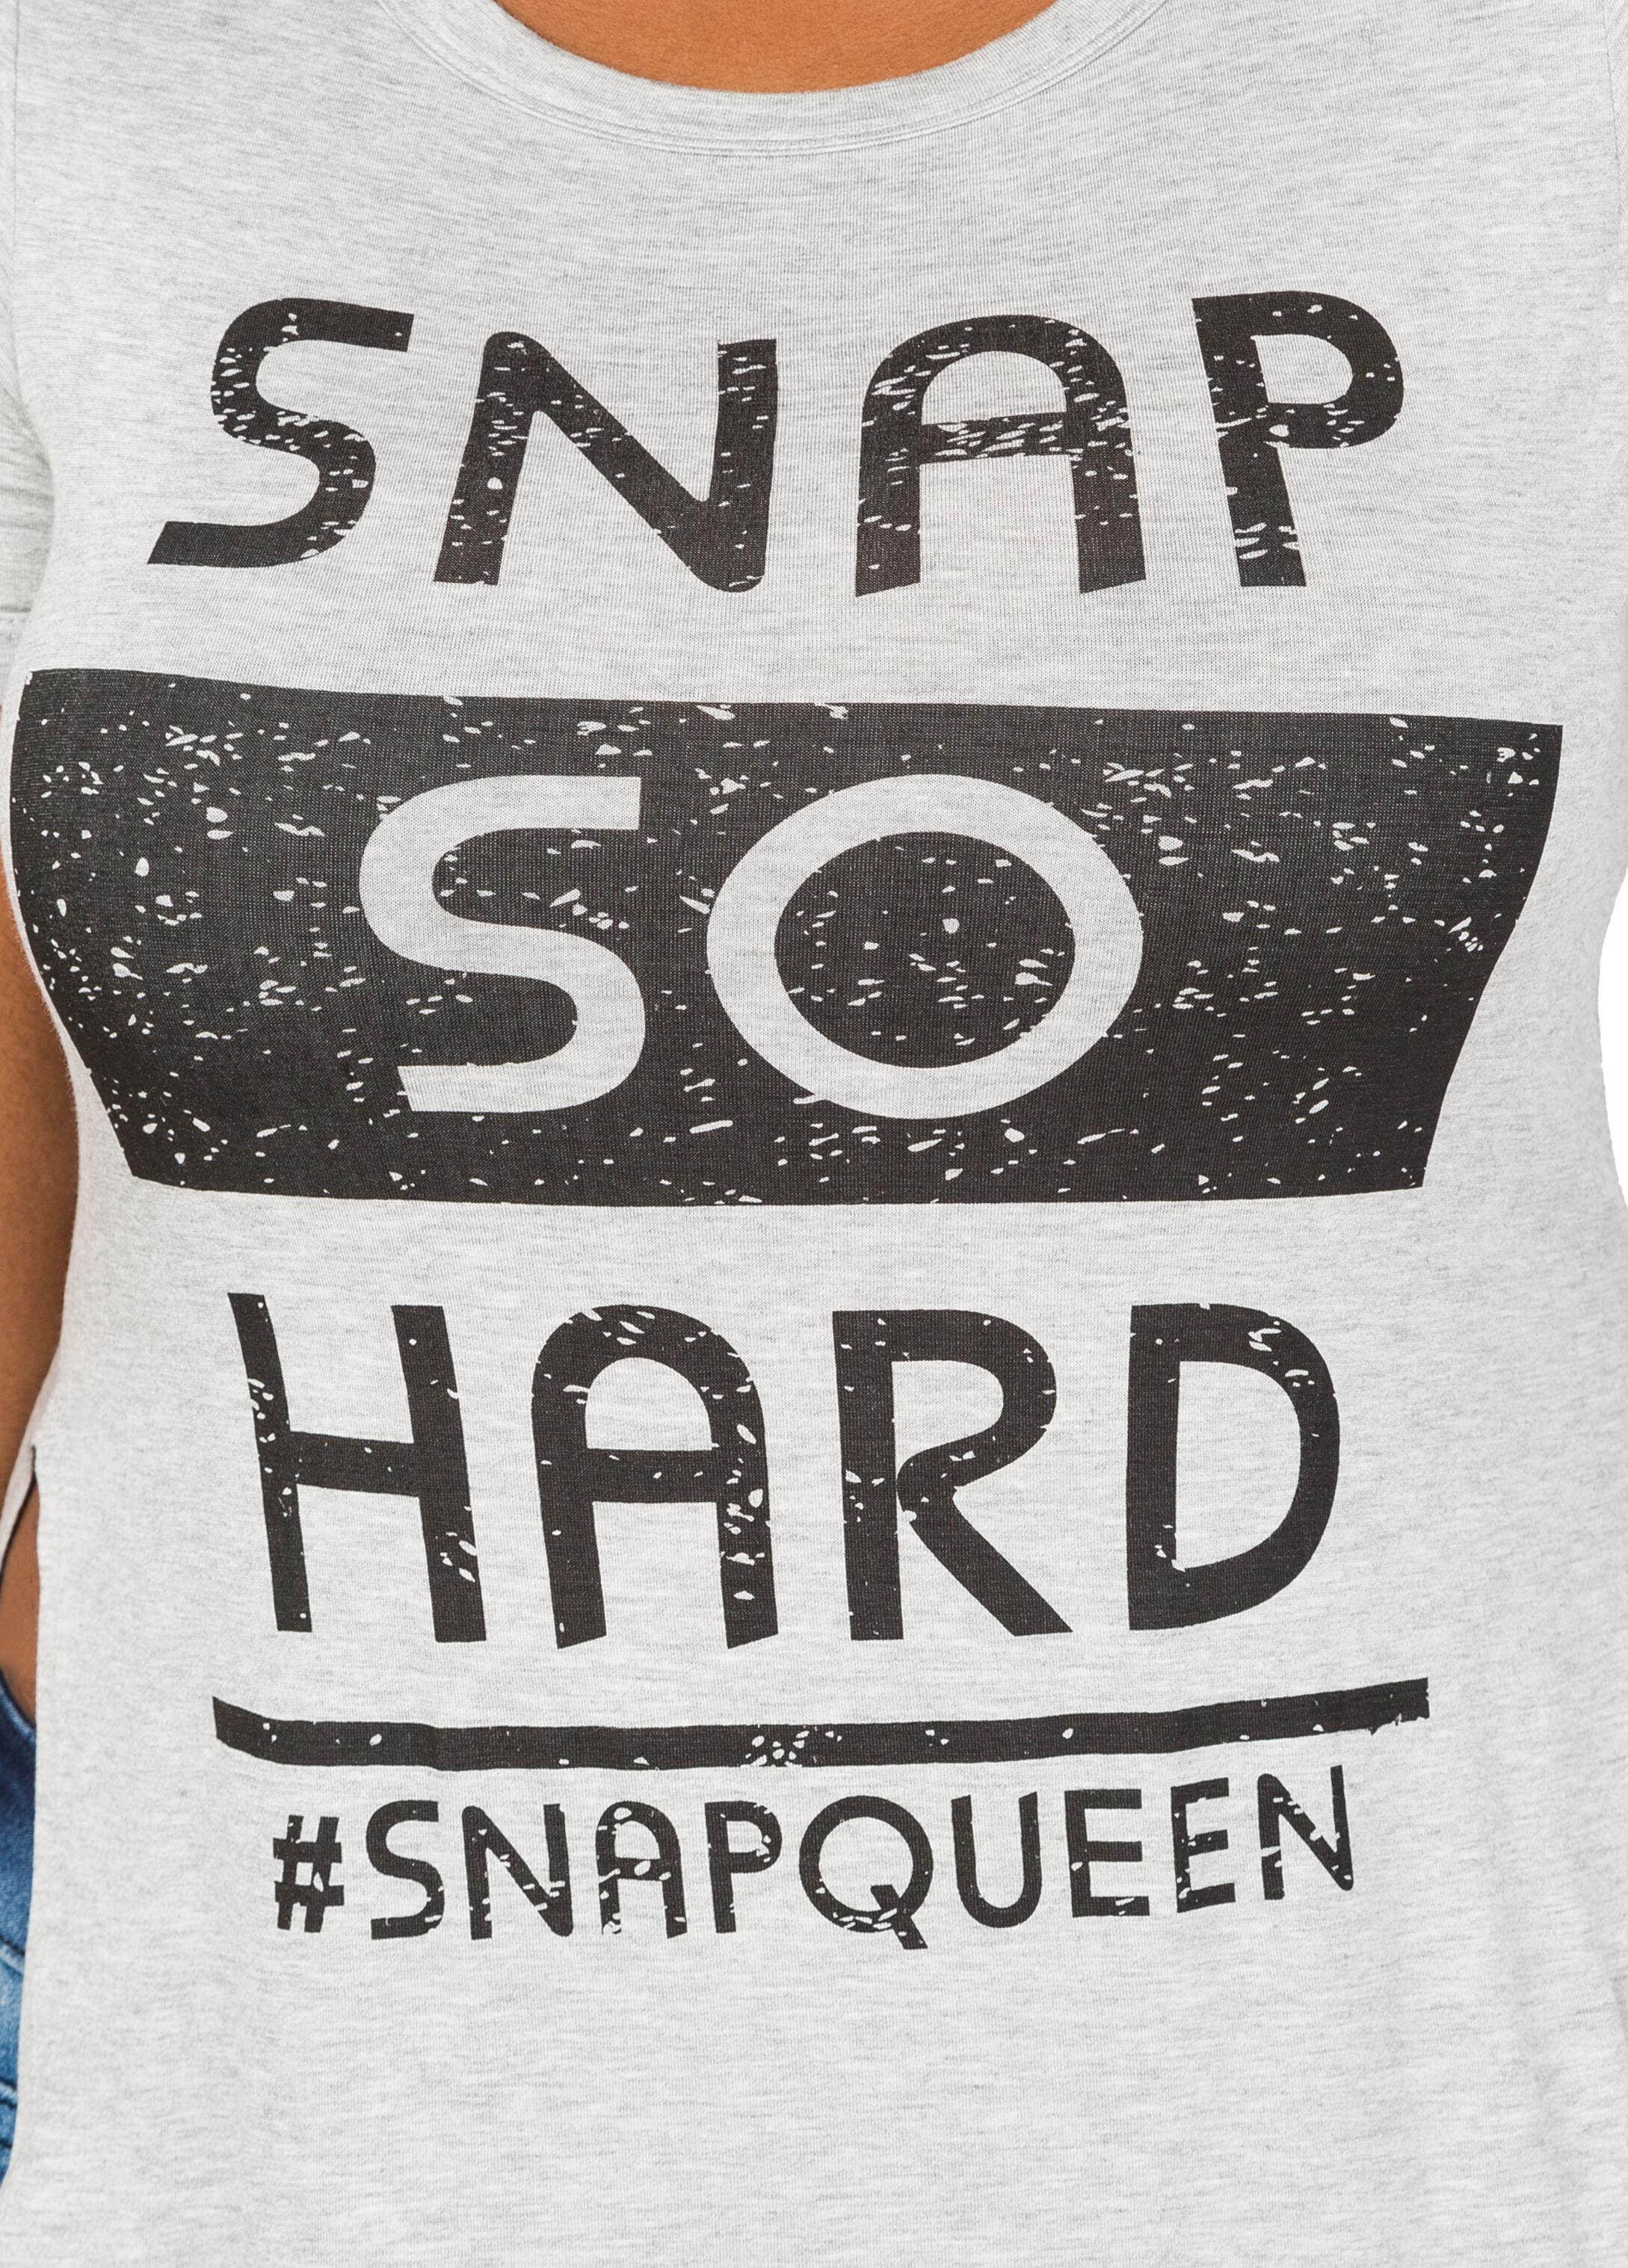 Snap So Hard Tee